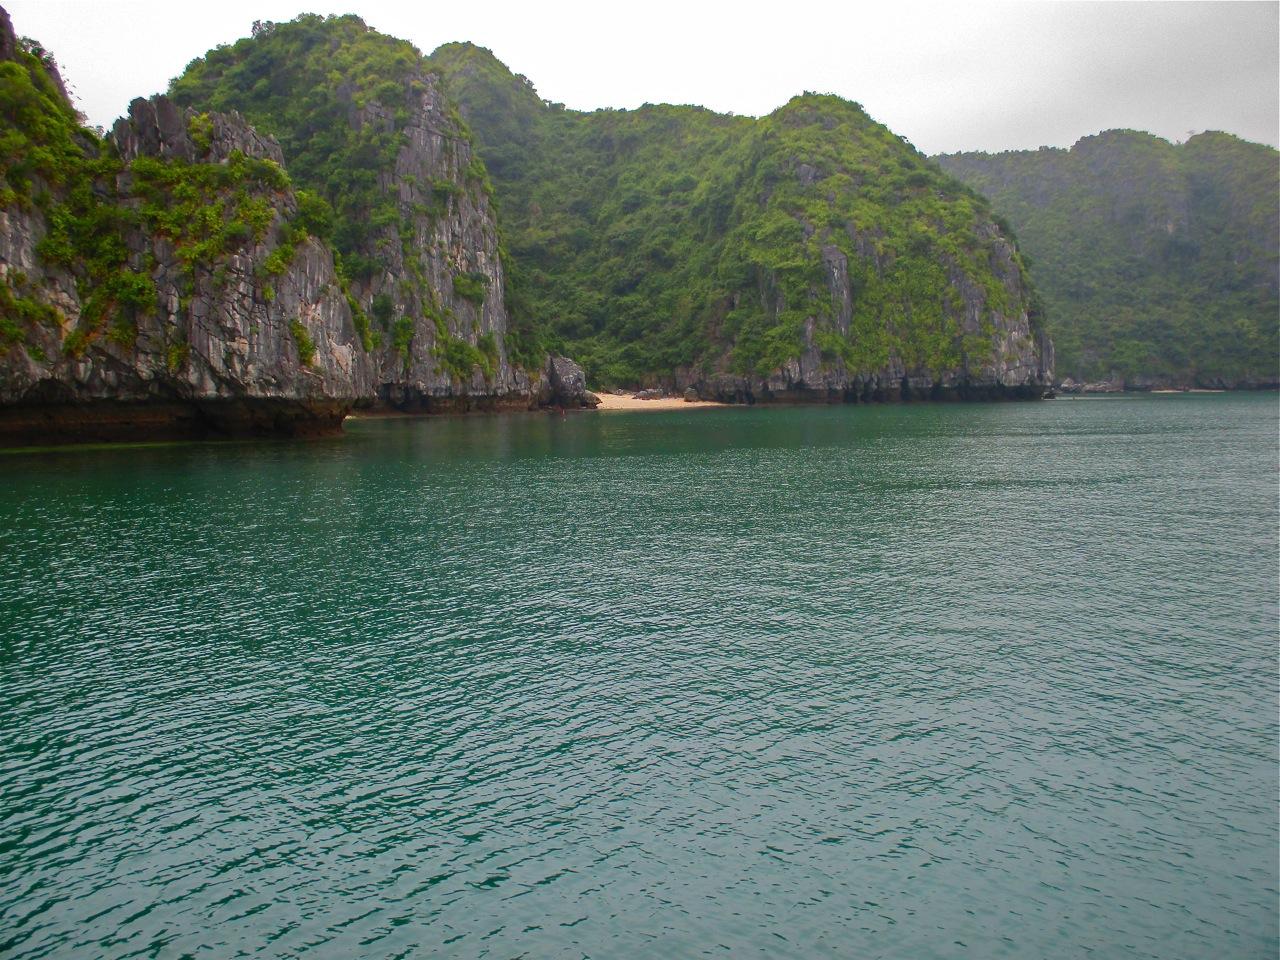 En croisière sur la baie d'halong